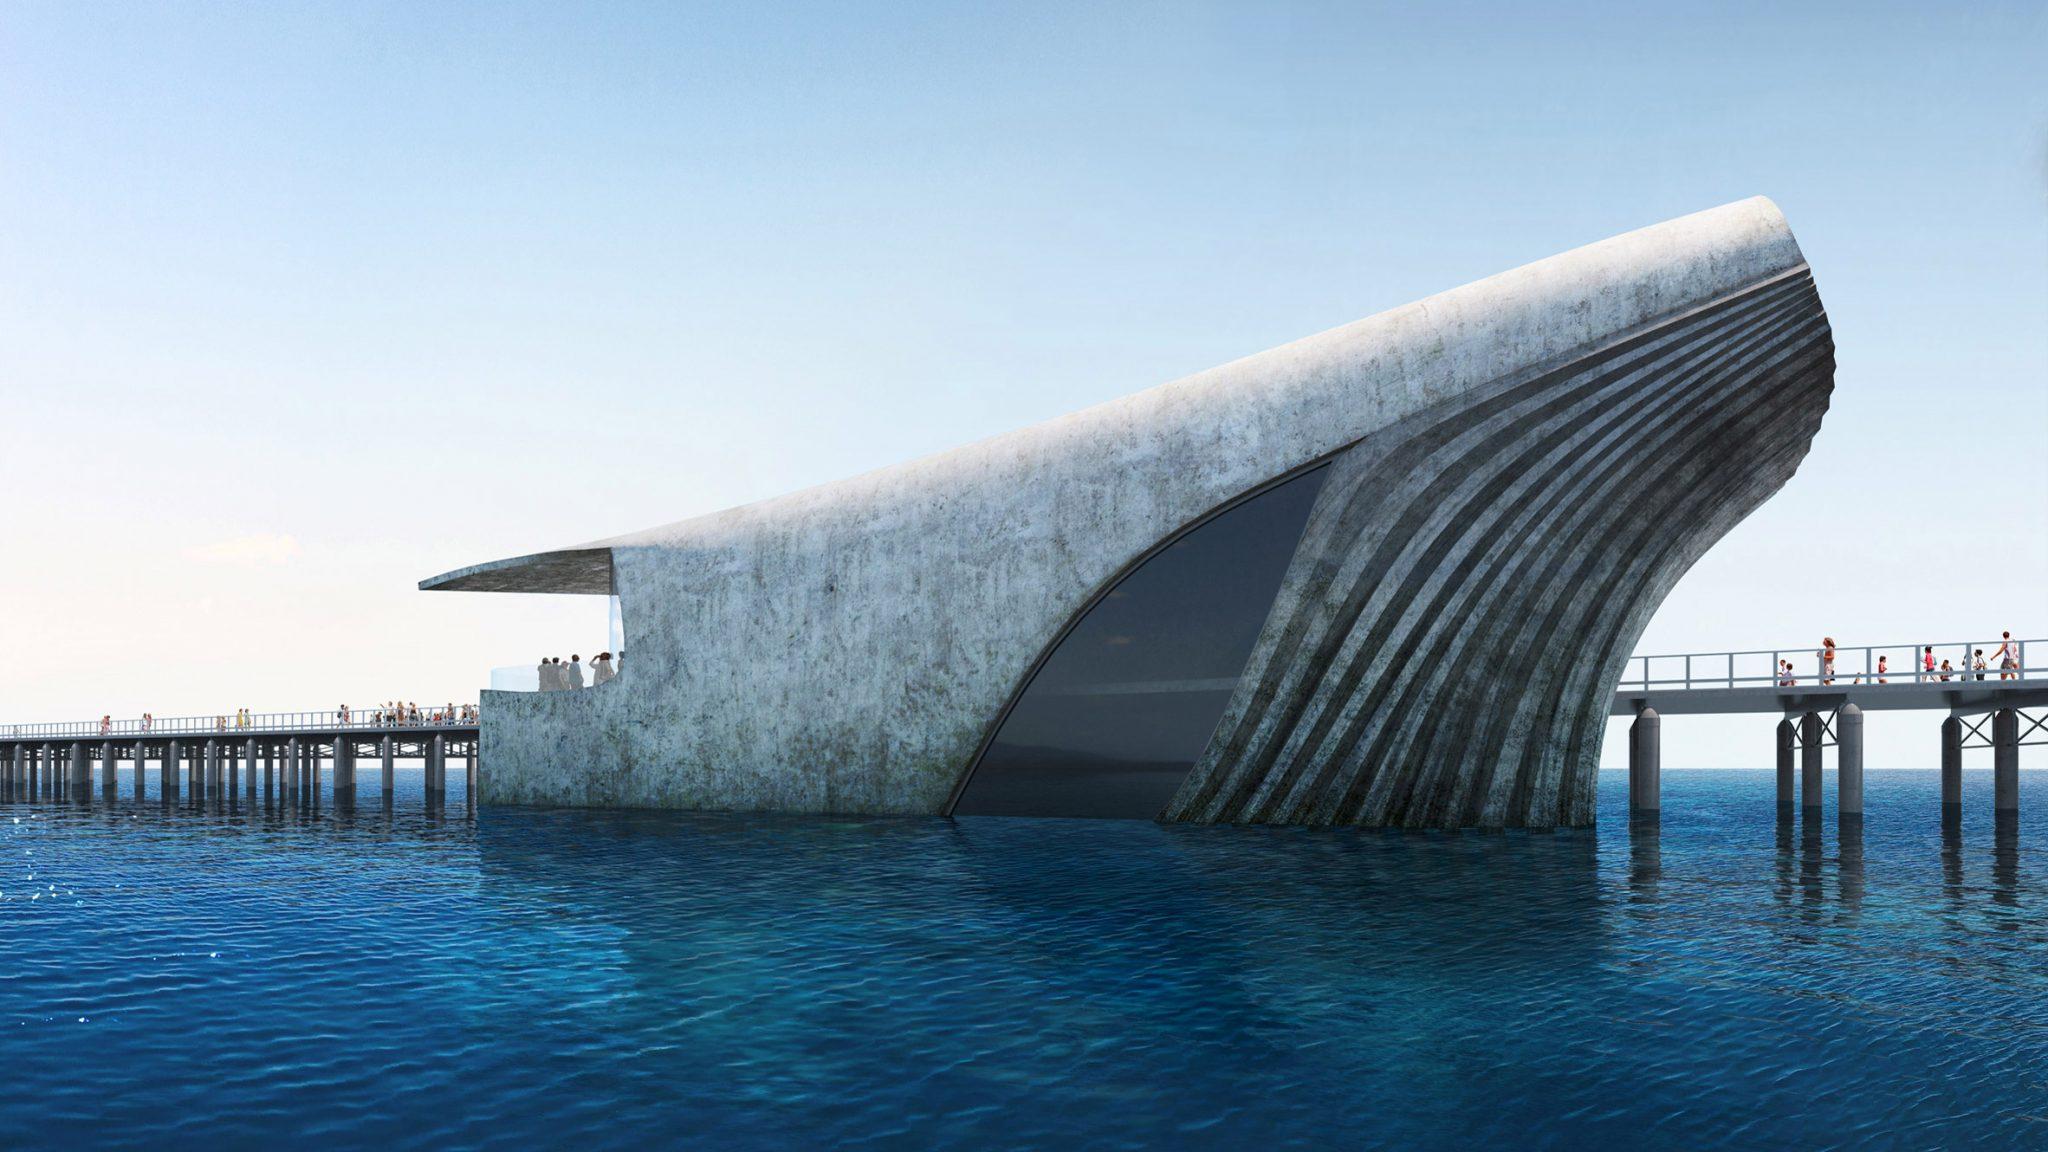 ავსტრალიის საზღვაო ობსერვატორიის შენობას წყლის ზედაპირზე გამოჩენილი ვეშაპის ფორმა ექნება